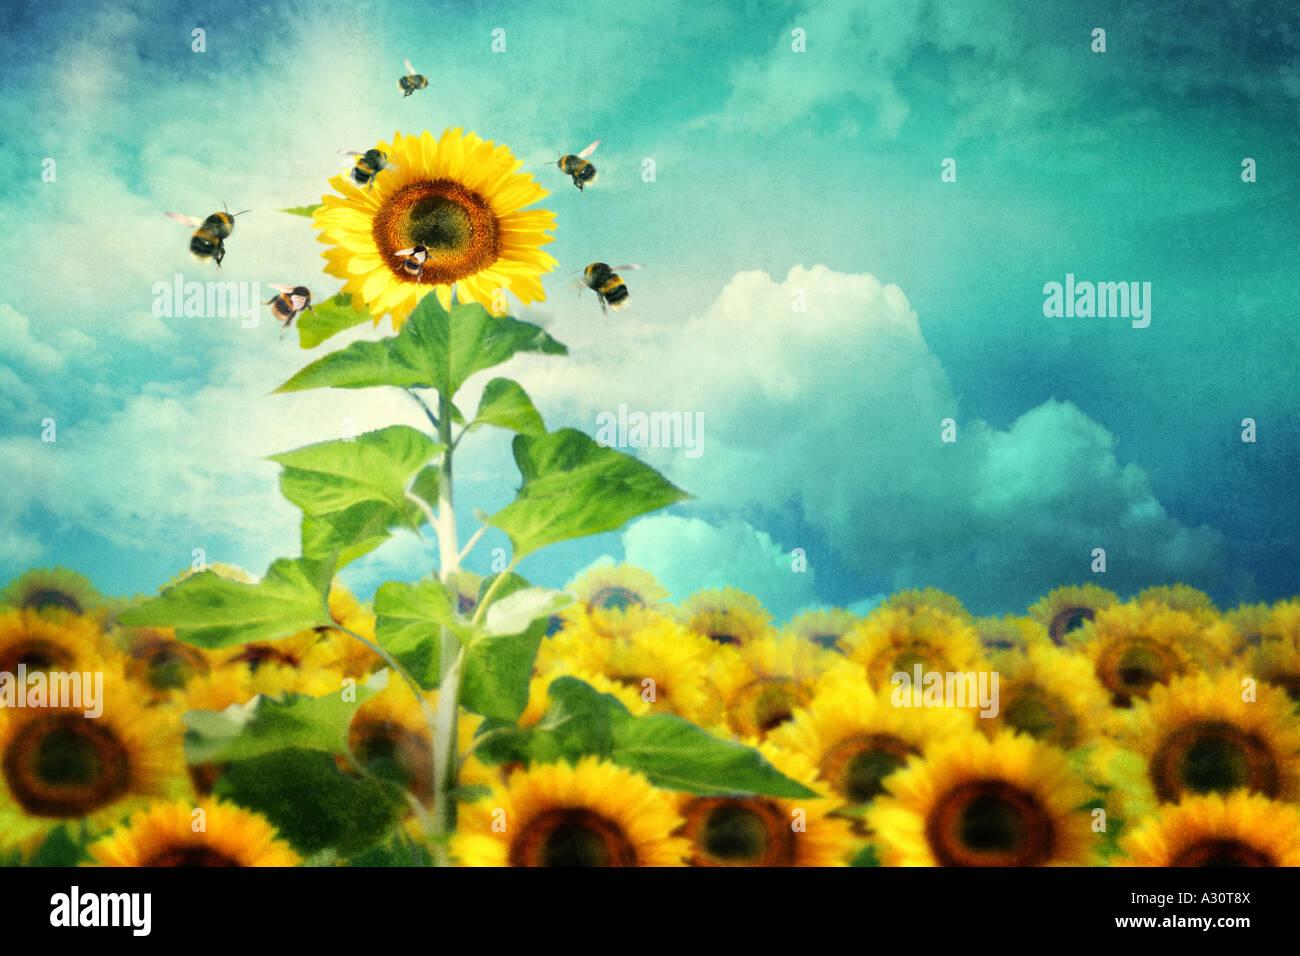 Concepto de imagen un alto prestigio de girasol y atraer más abejas Foto de stock